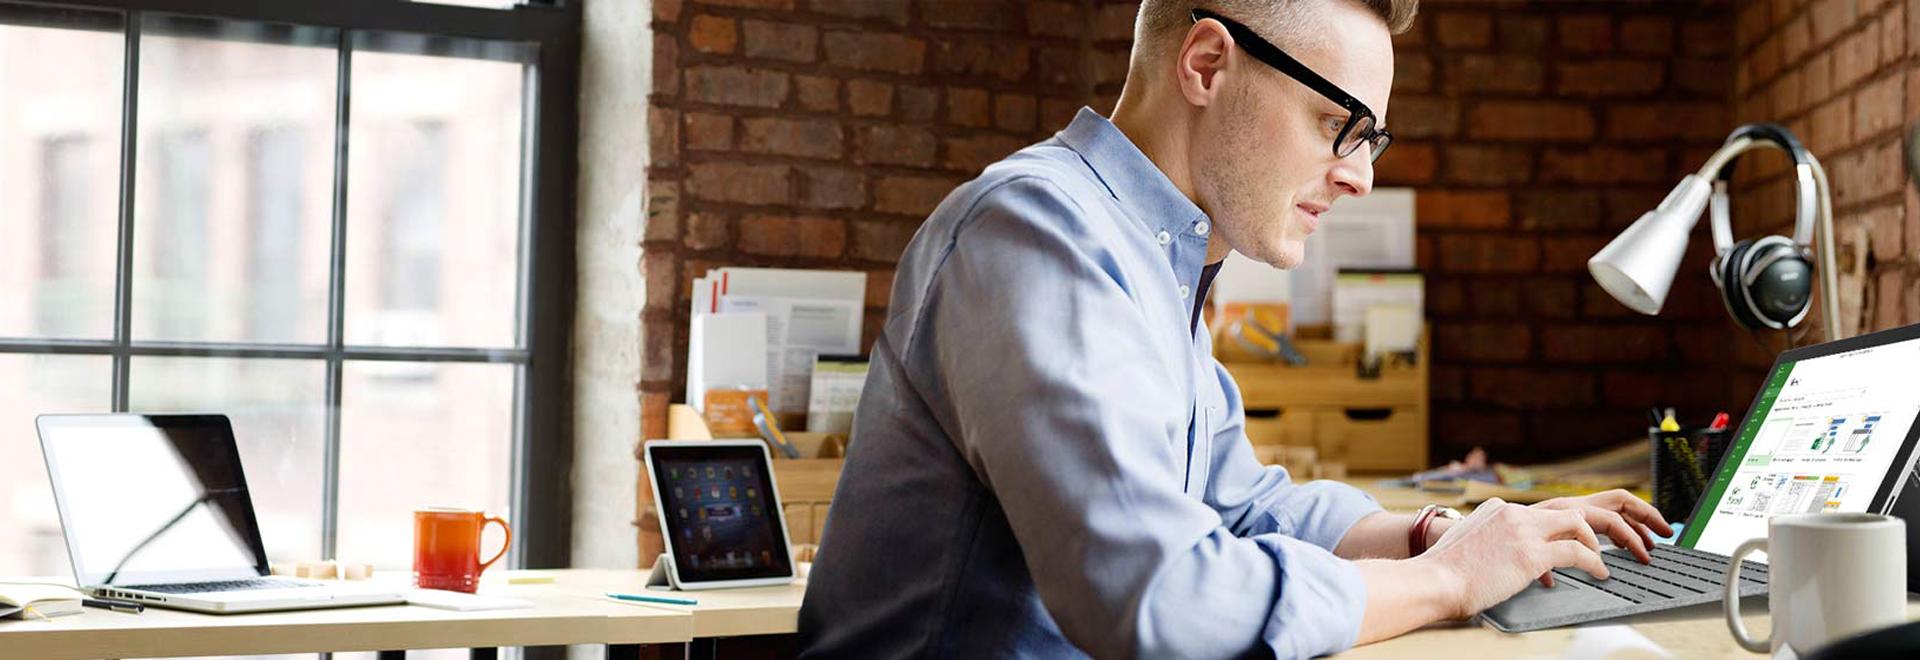 Een man die aan een bureau zit en werkt op een Surface-tablet met Microsoft Project.